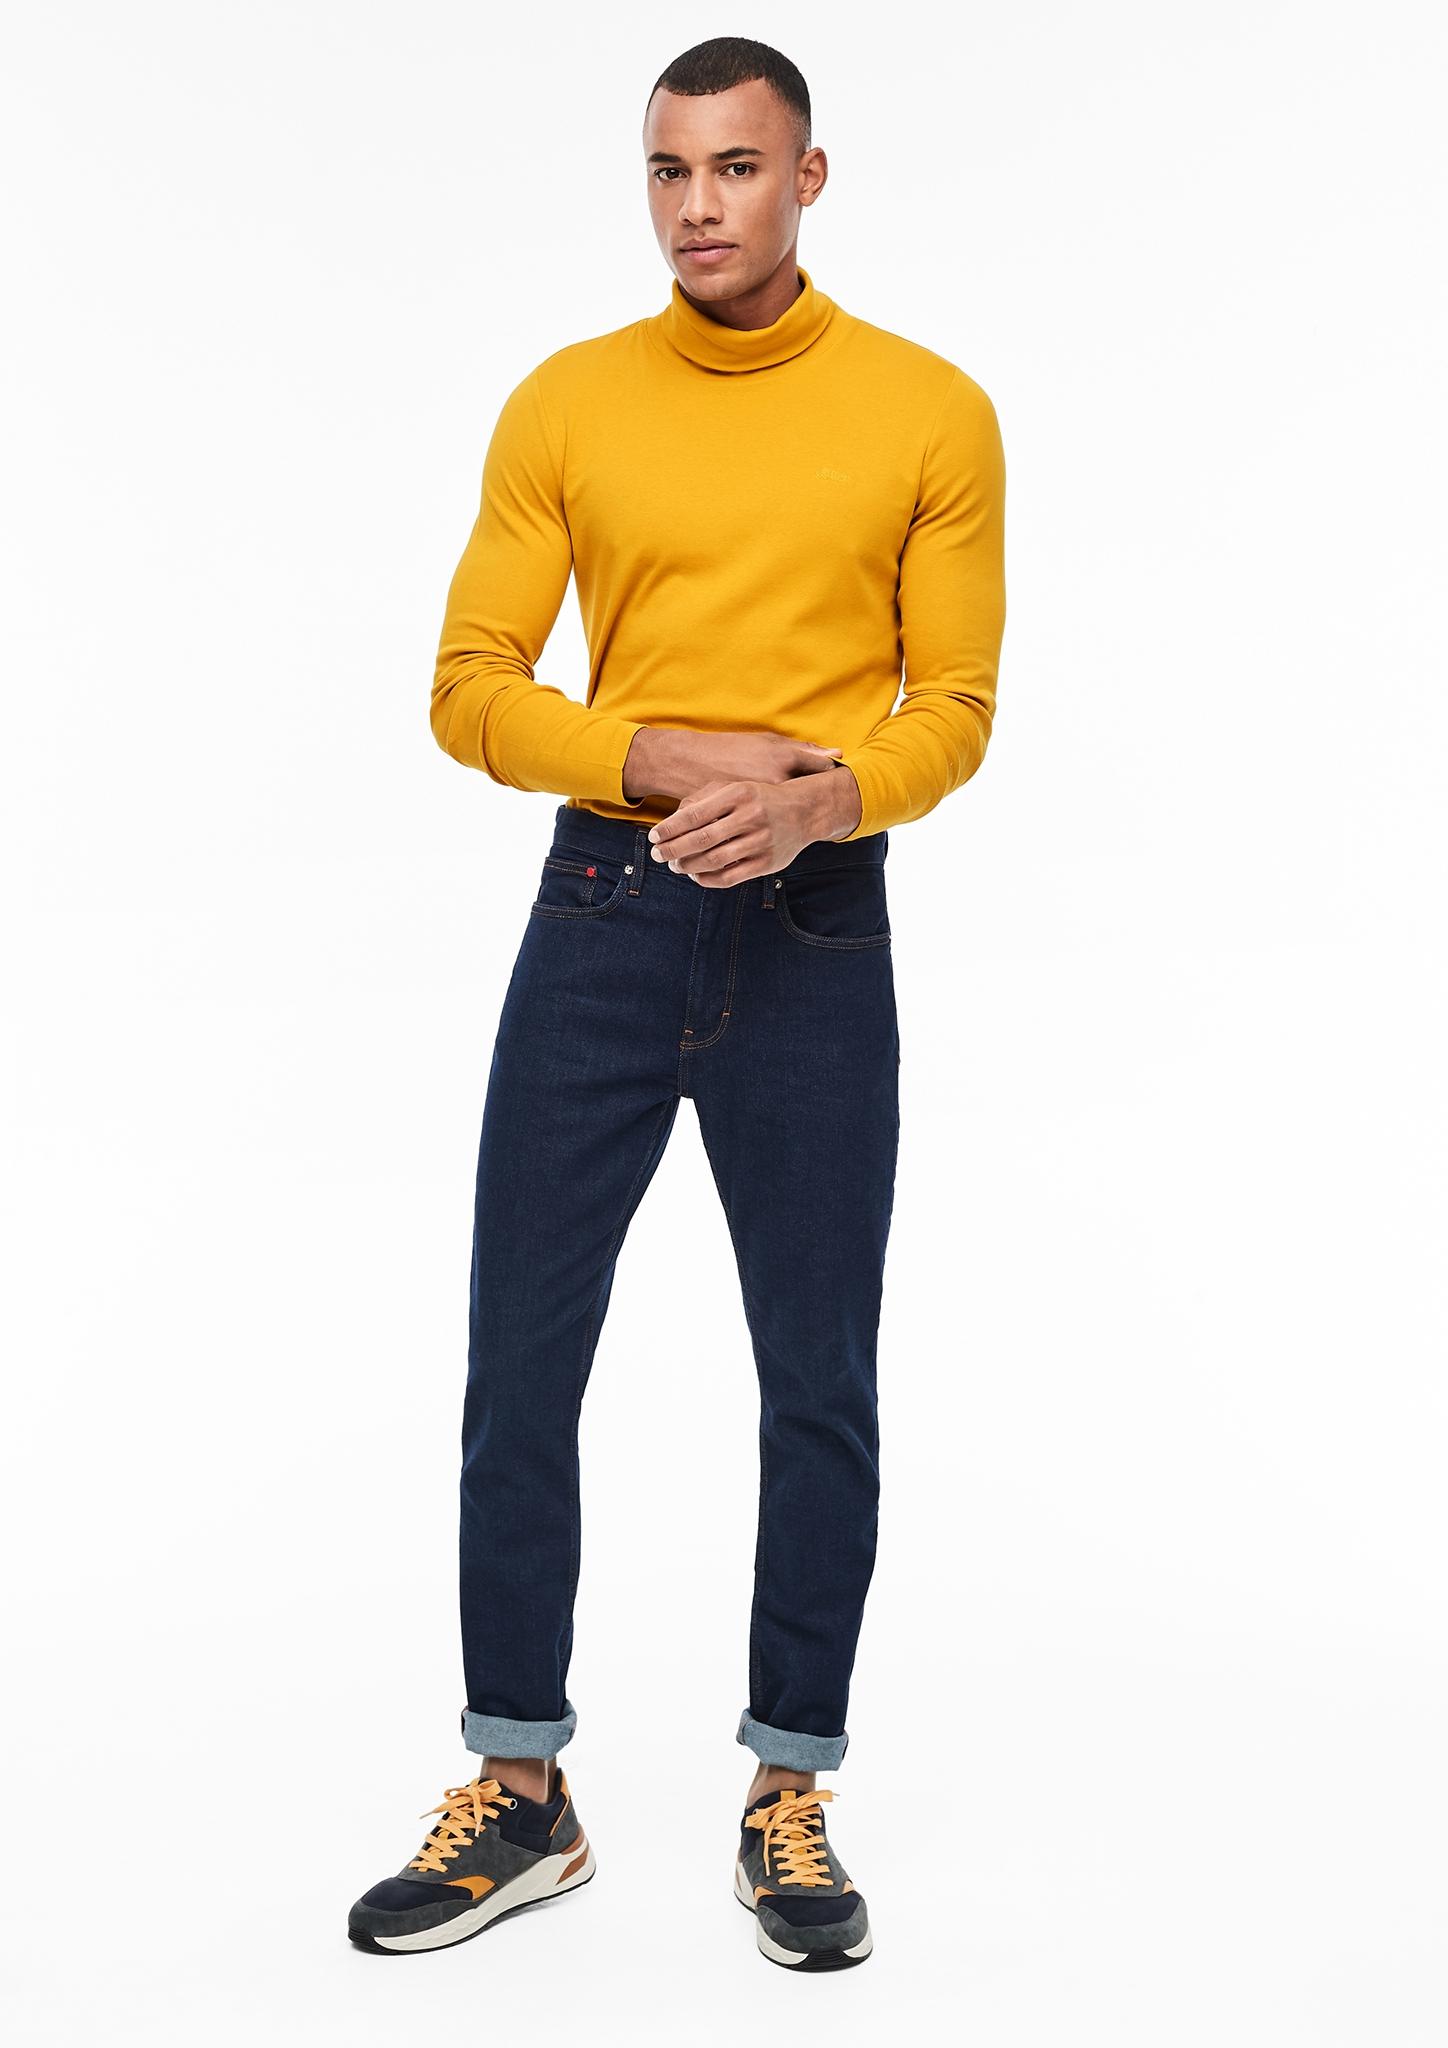 s-Oliver-Casual-Men-Langarmshirt-mit-Rollkragen-Neu Indexbild 18